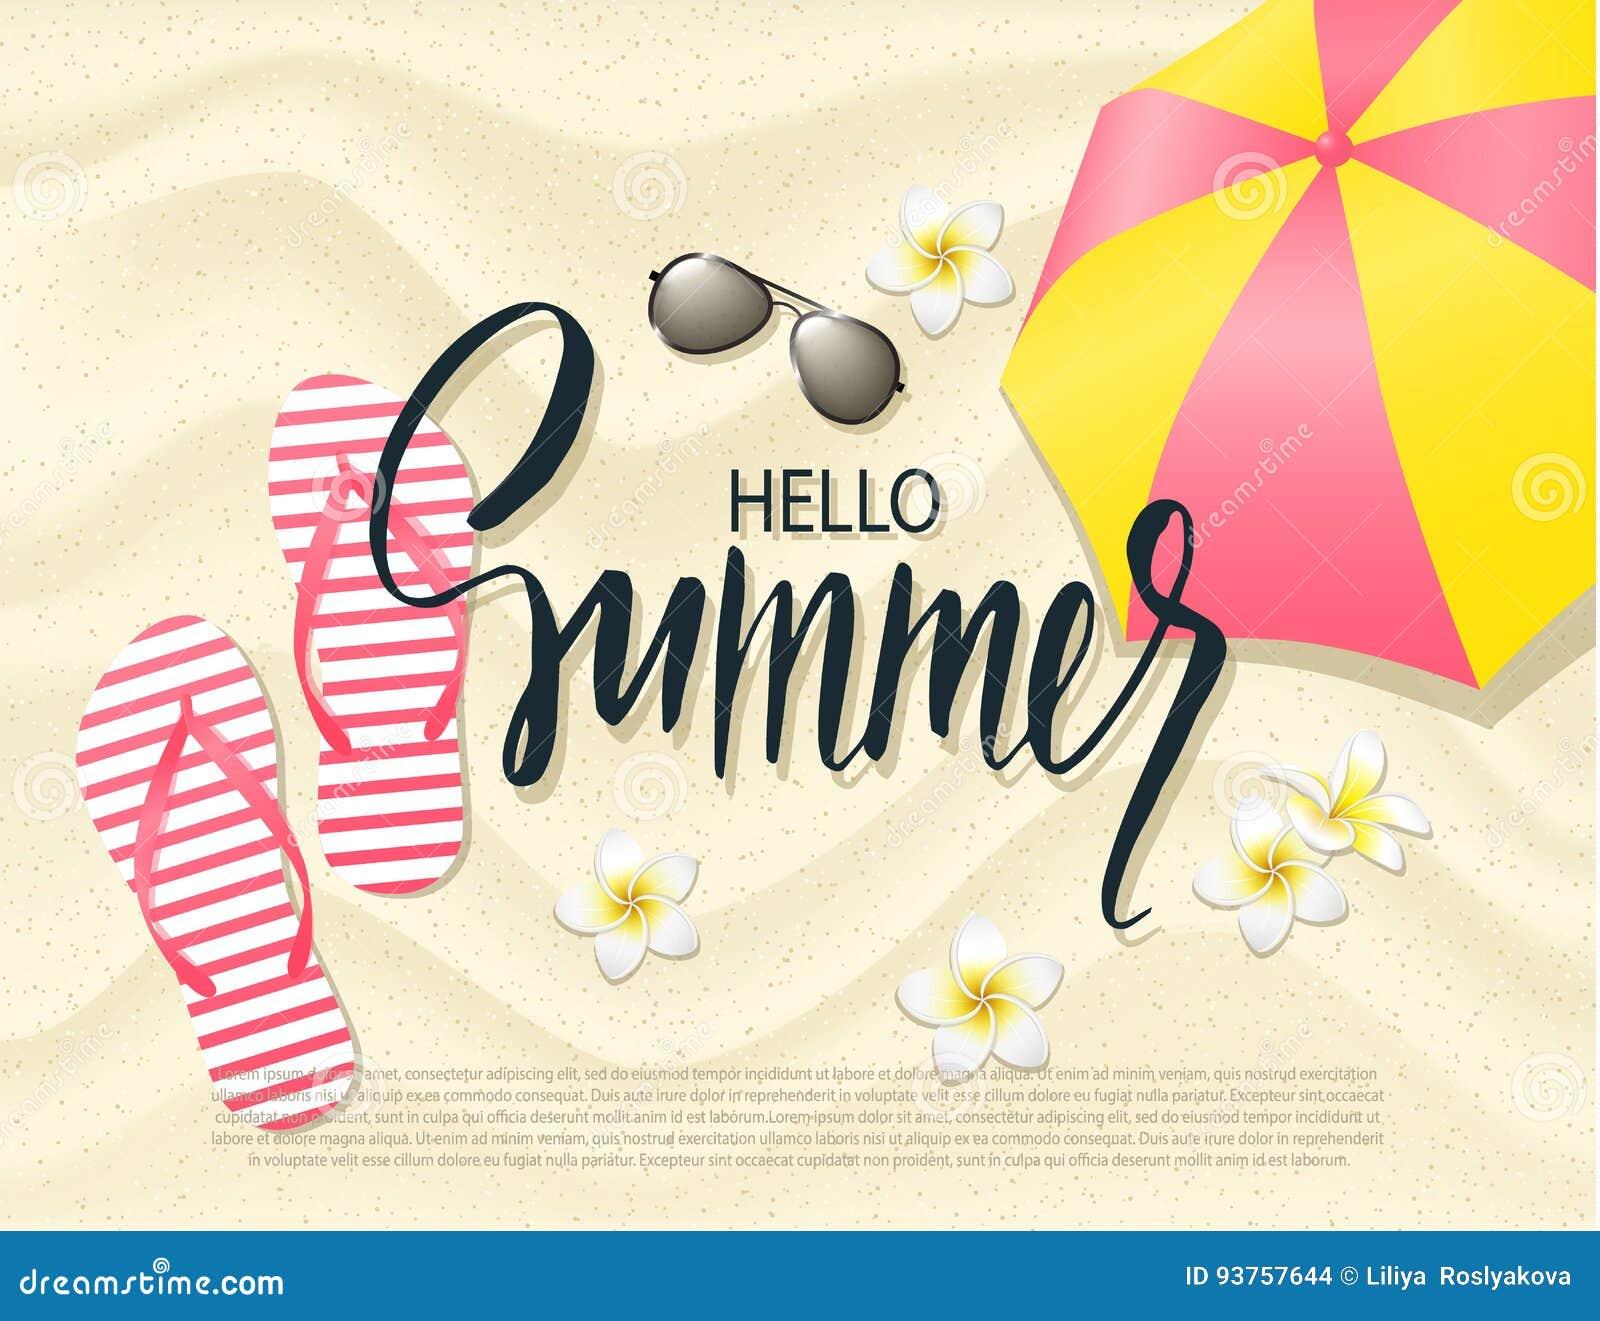 9730ce6bd3d2 Summer Beach Flip Flops Sand Tropical Vacation Banner Stock ...